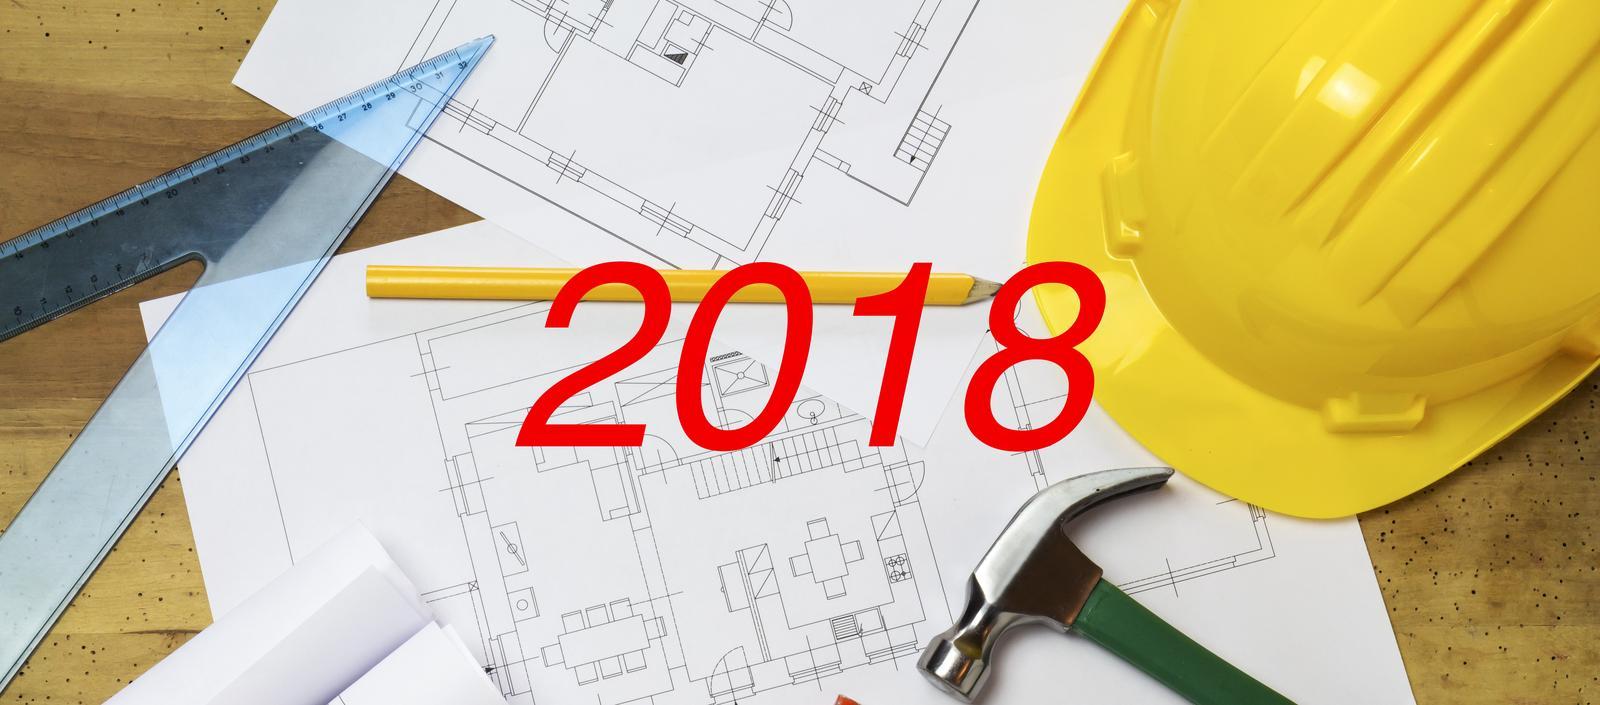 V roku 2018 začíname stavať - Fotka skupiny